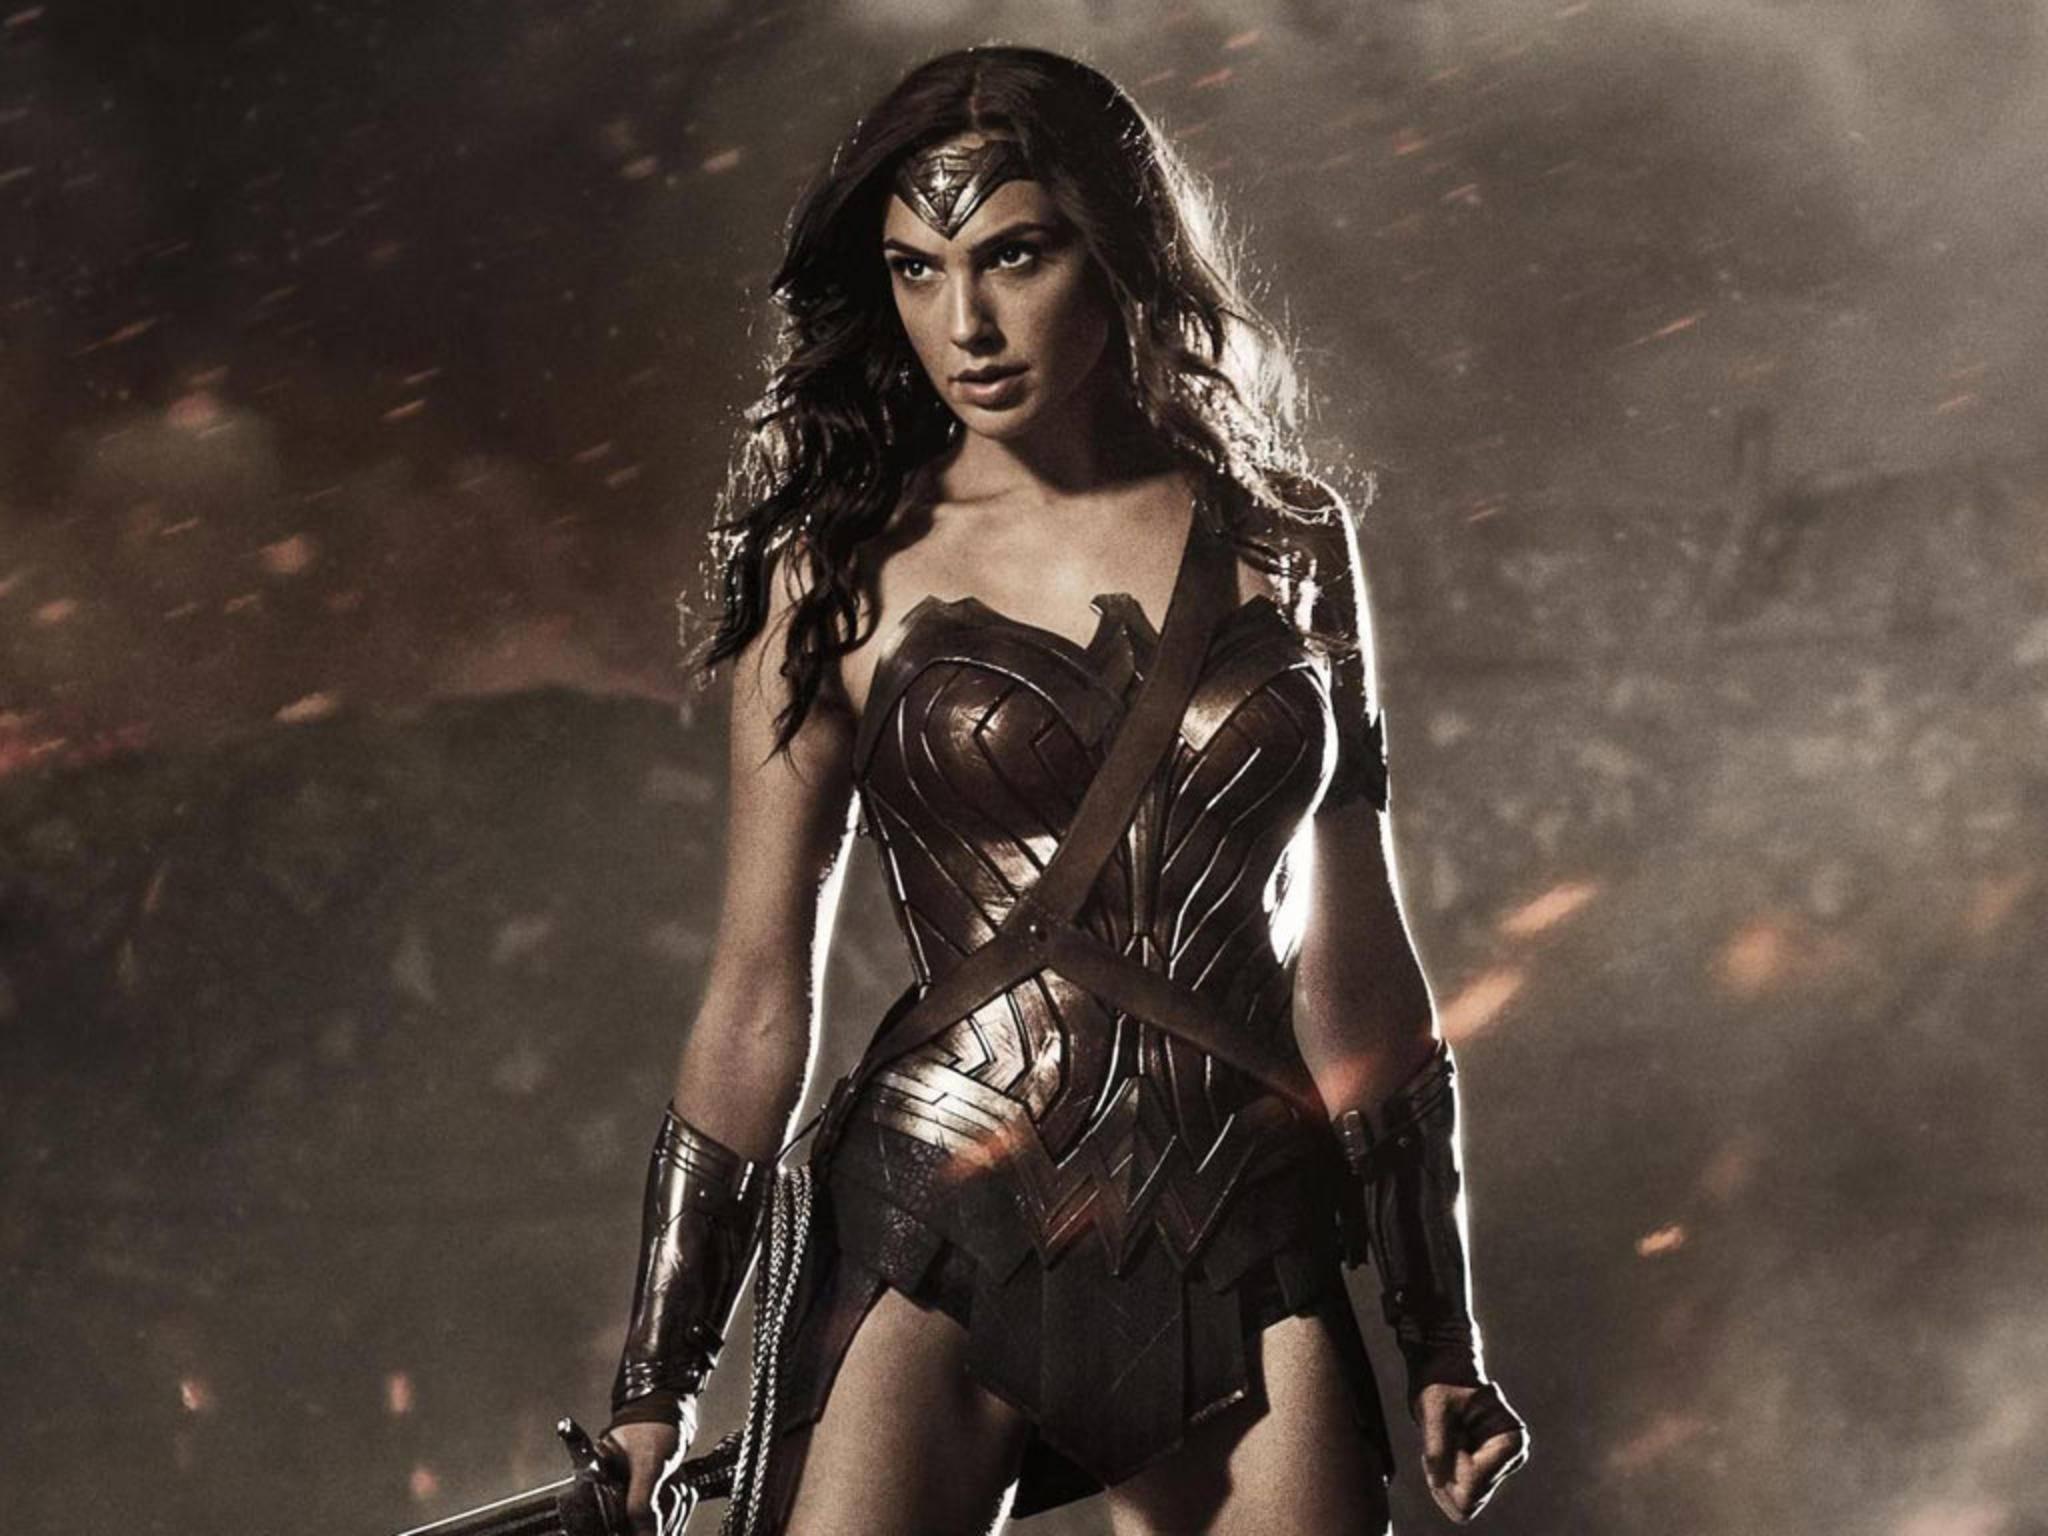 Erst 2017 soll ein Film über Wonder Woman in die Kinos kommen. Hauptrolle: Gal Gadot.